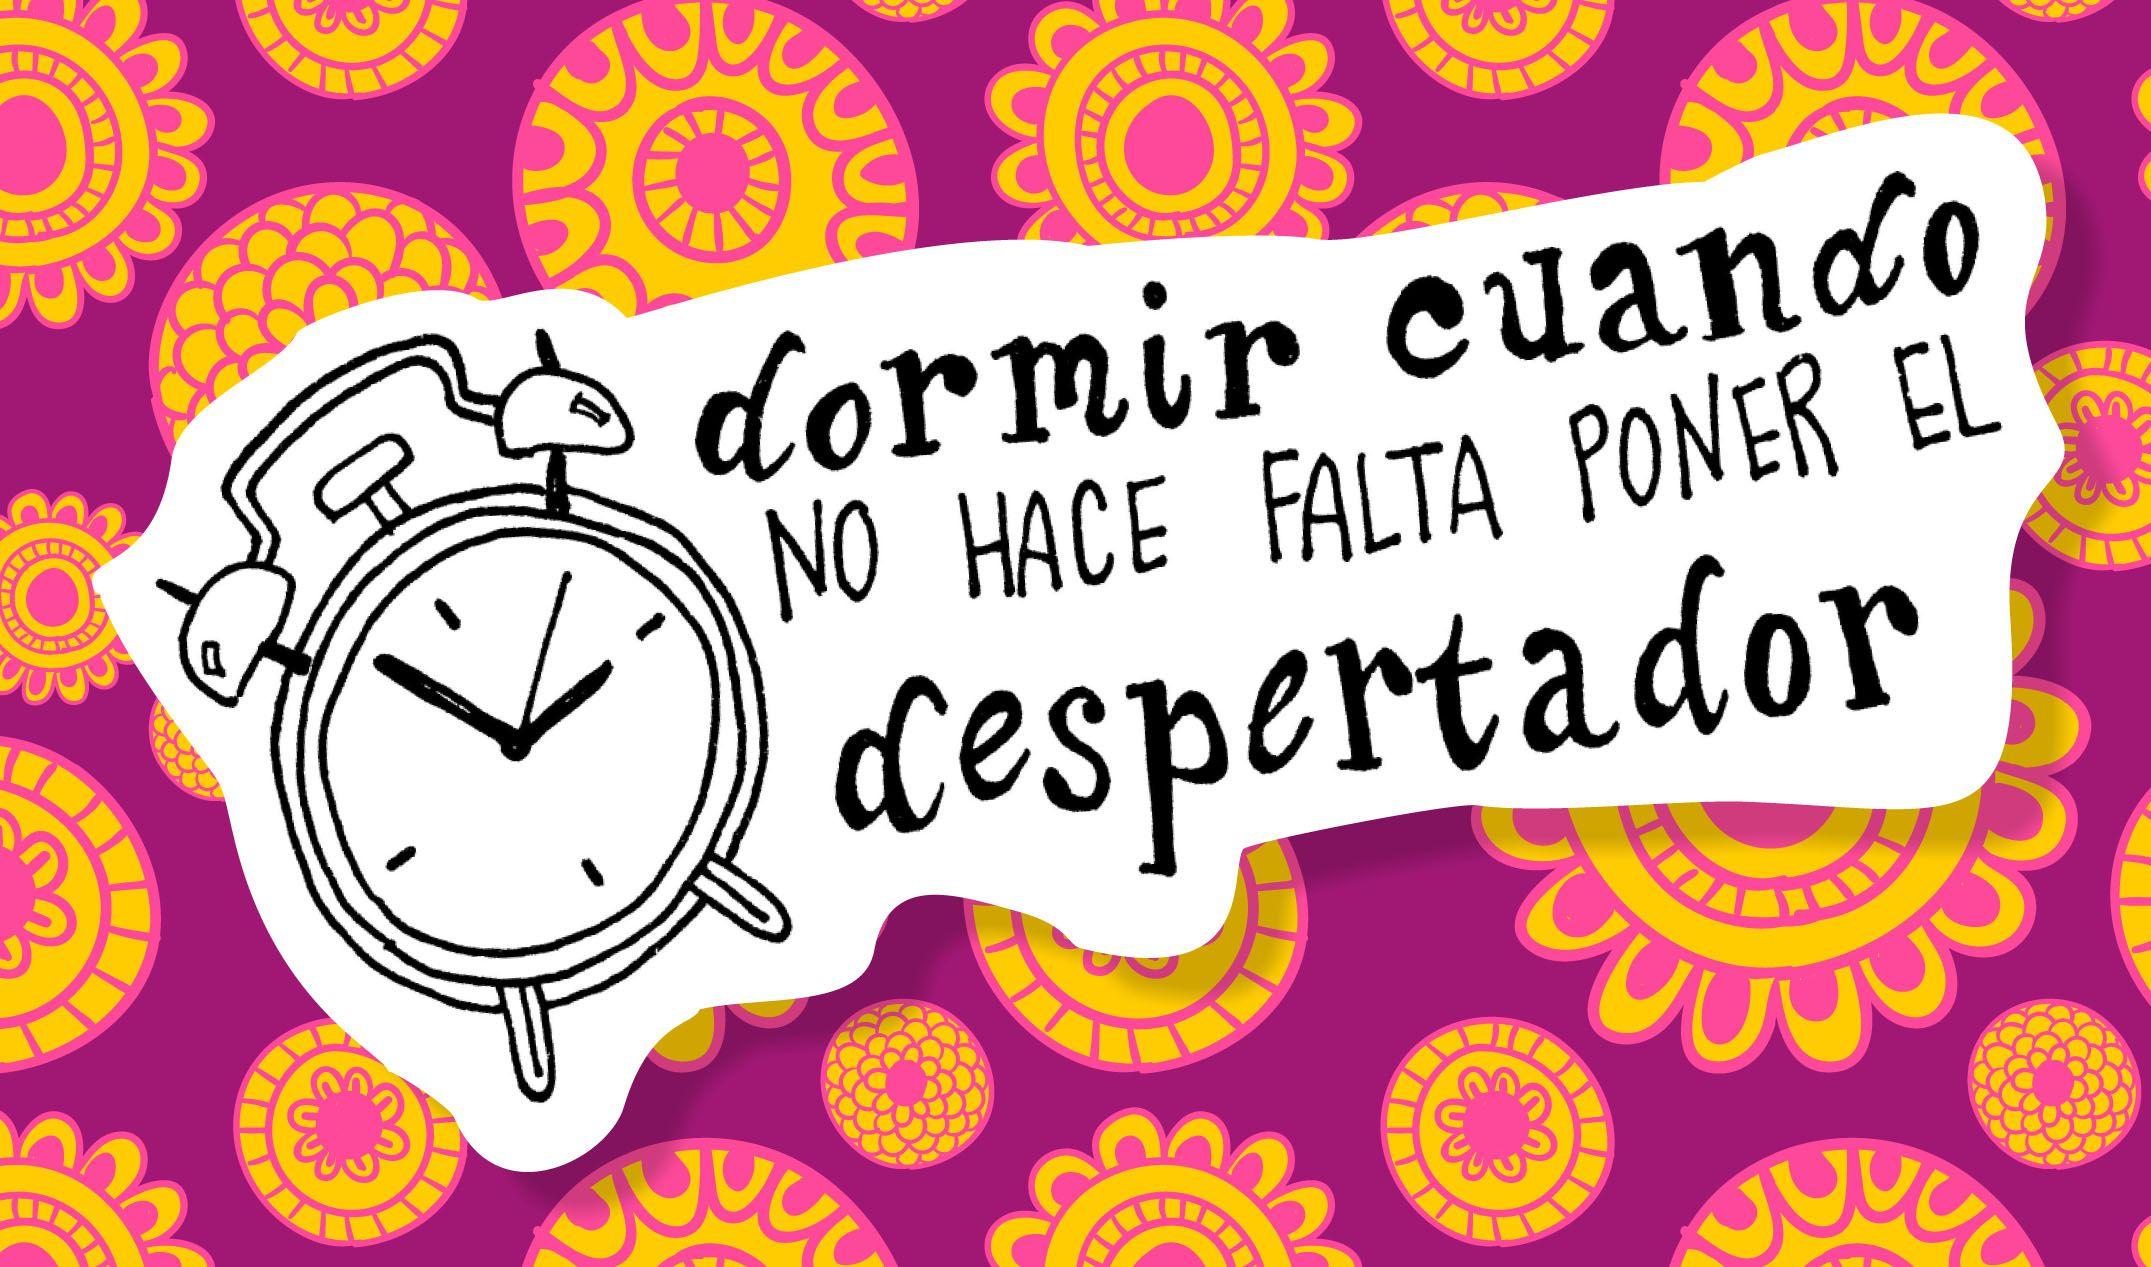 Dormir sin poner despertador - Disfruta Las Cosas Pequeñas - Gloria Garcia Mata